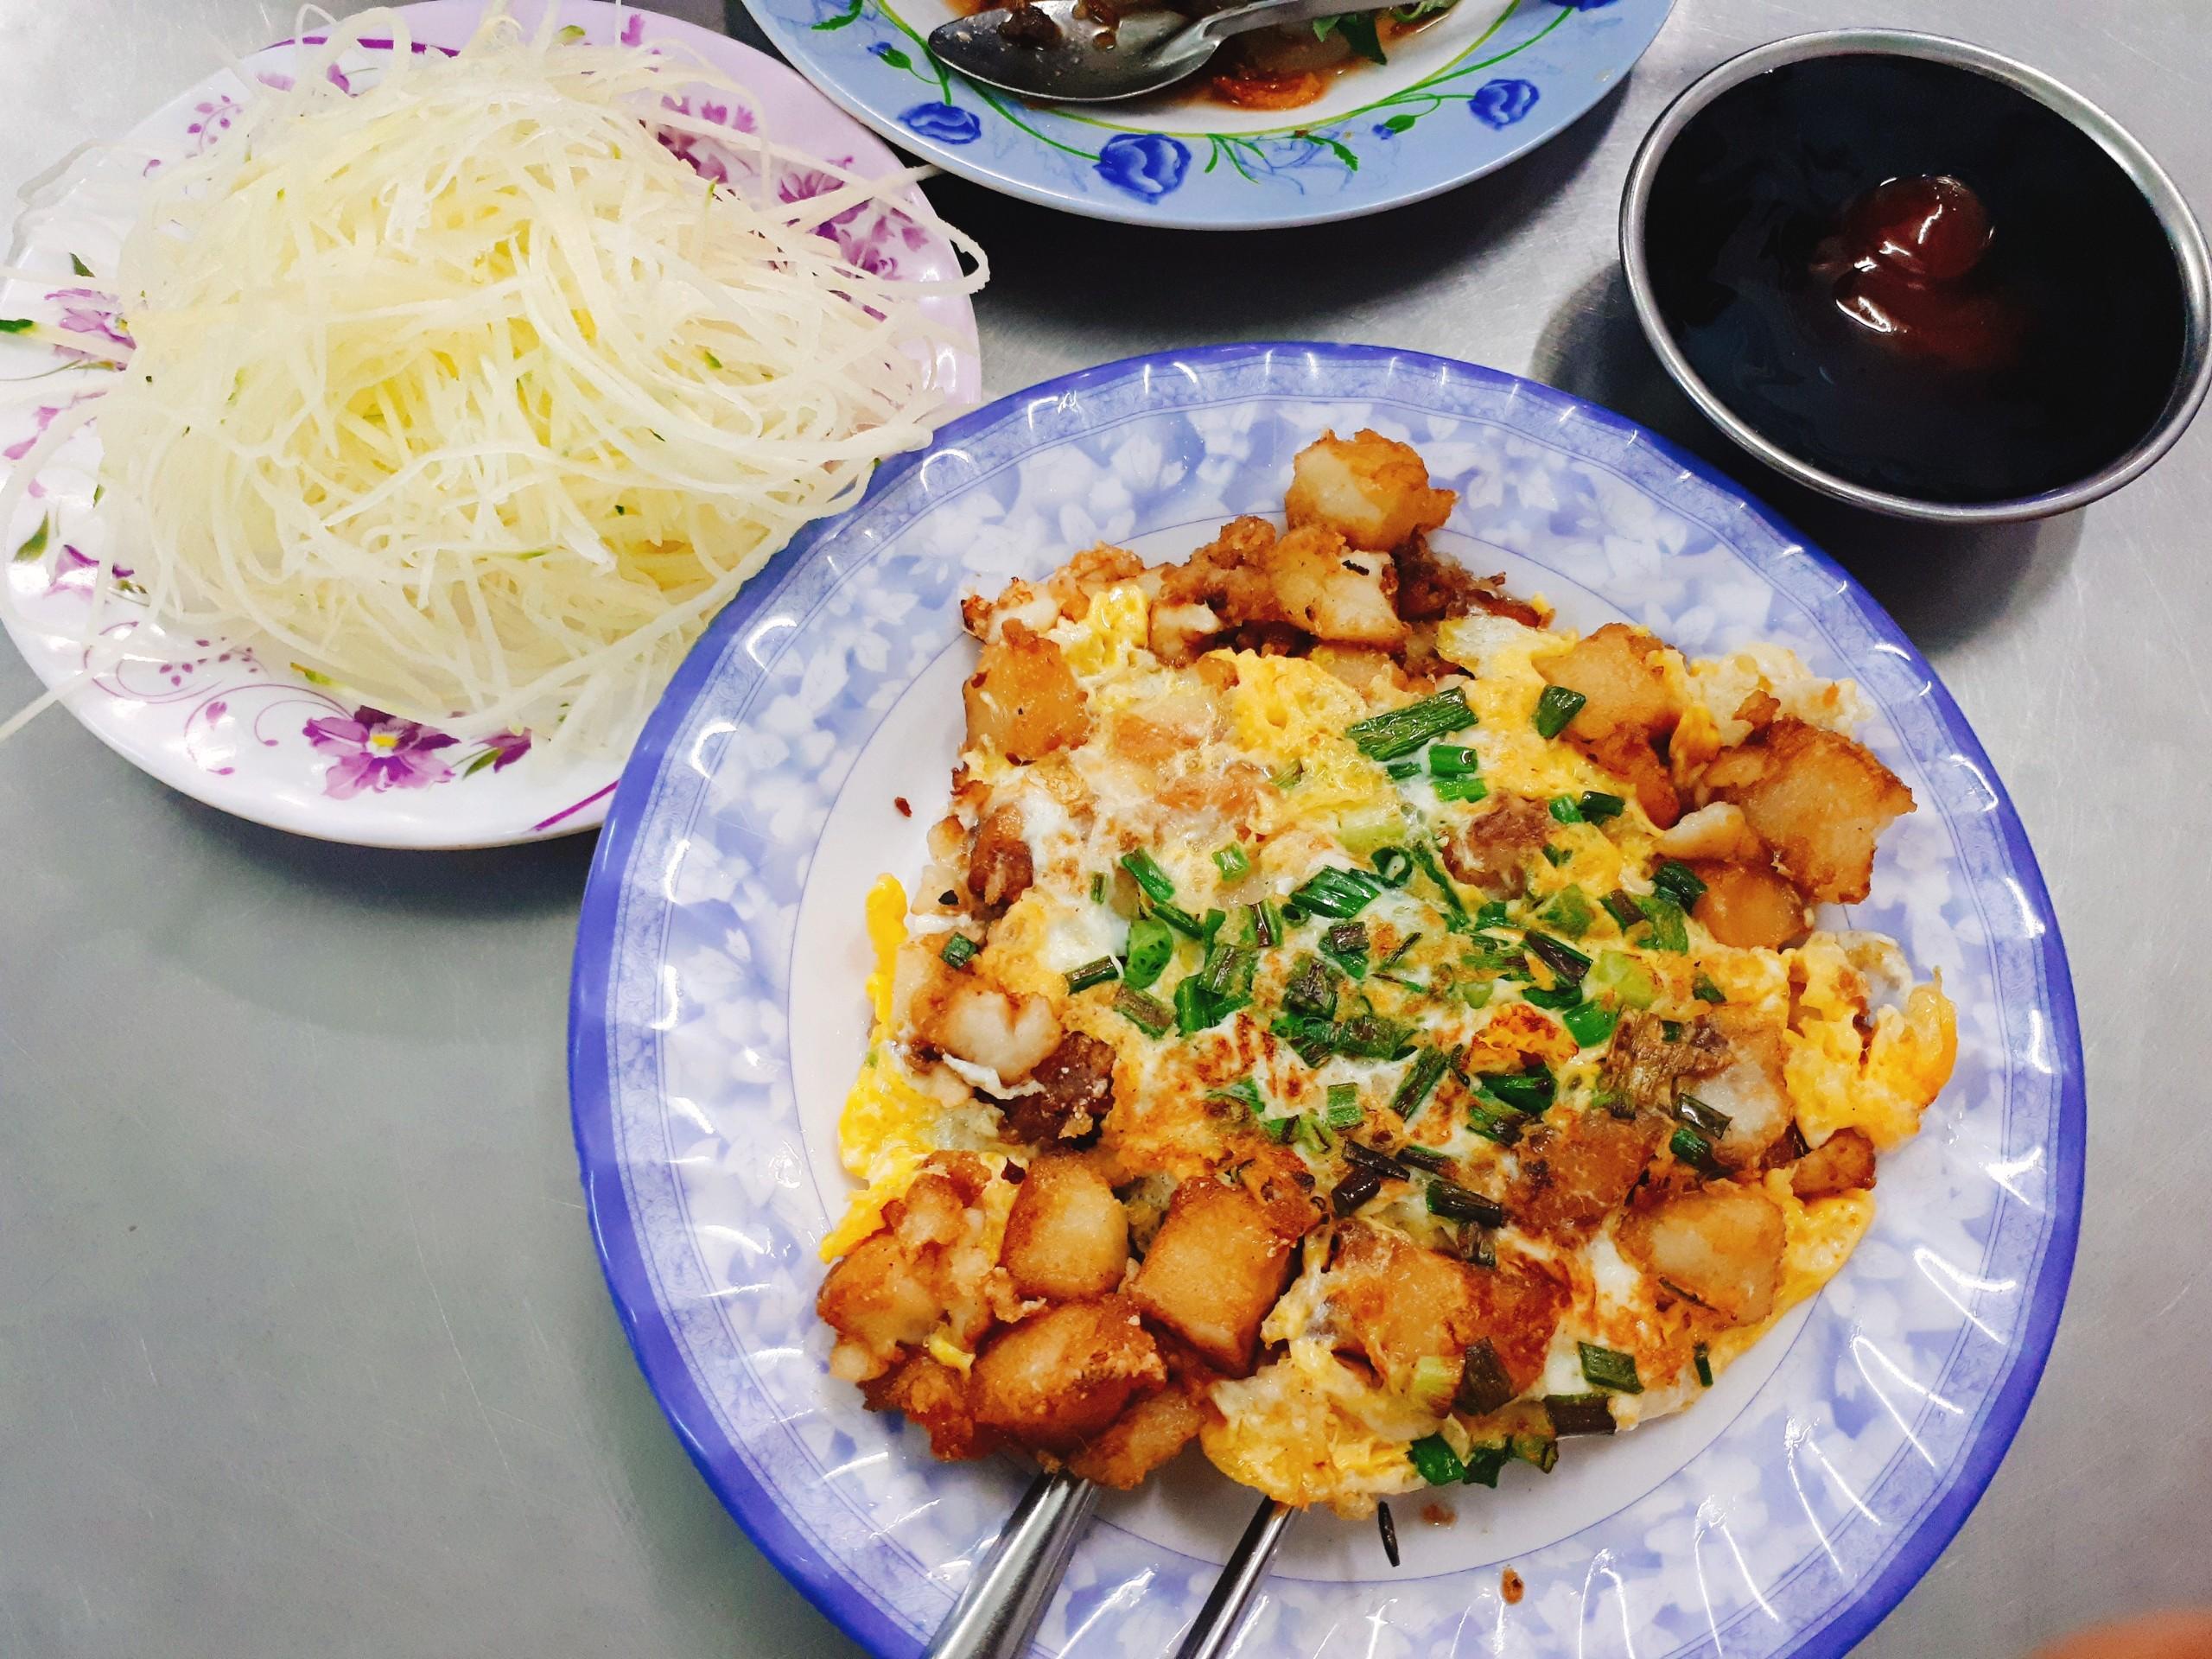 Quán ăn, ẩm thực: Quán Nui Xào, Mì Xào Ngon Quận 7 Dat-Thanh-Vo-van-tan-2